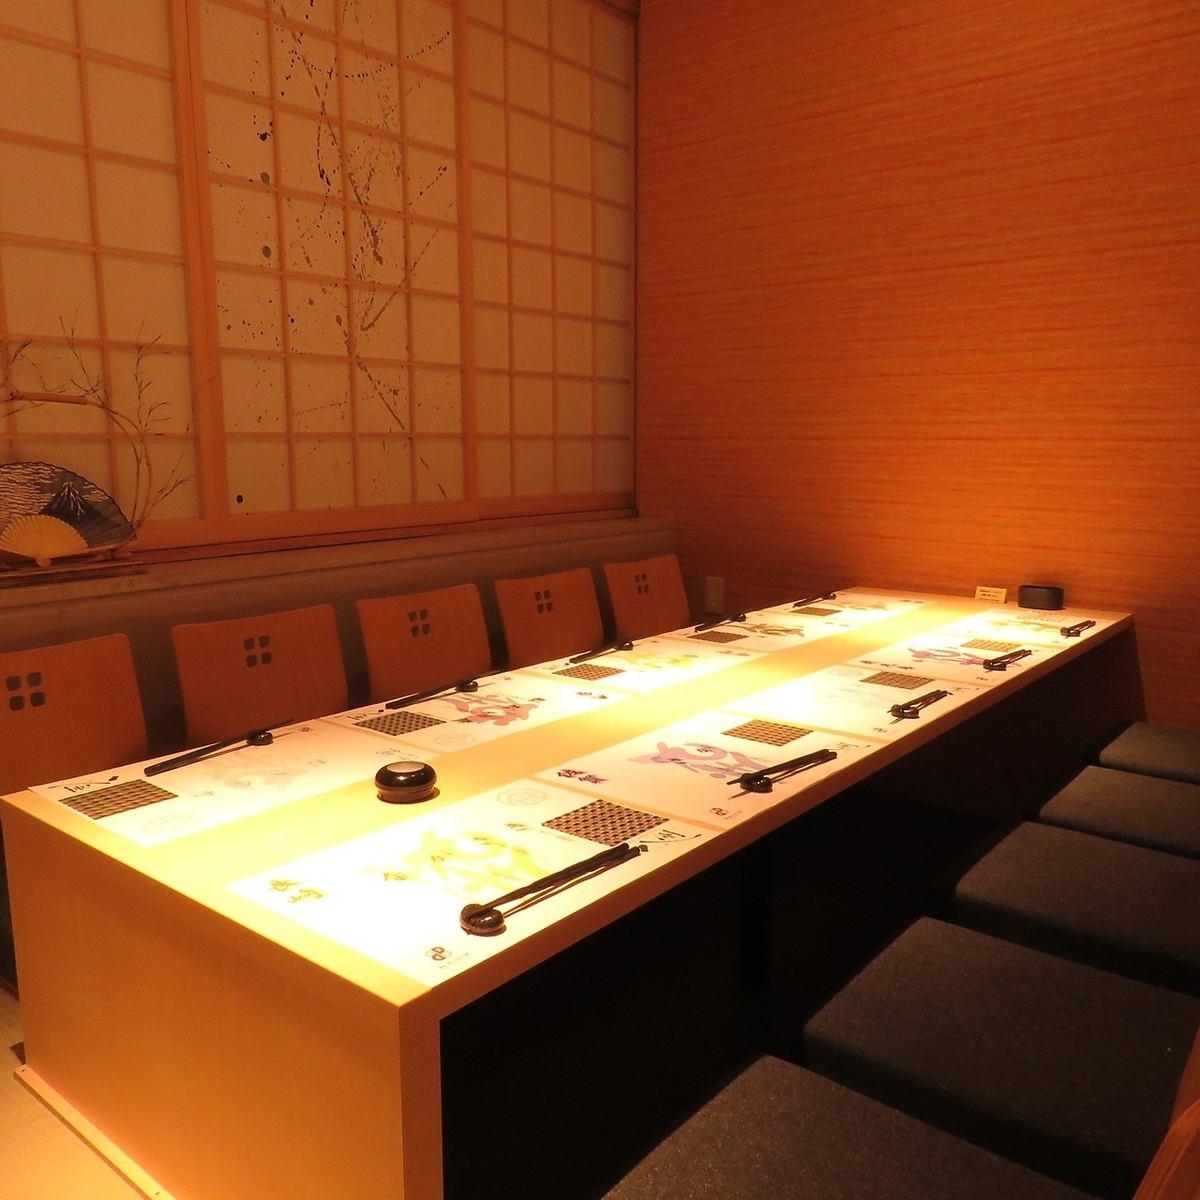 【全席完全個室】接待・食事会にもオススメ!掘りごたつ個室完備